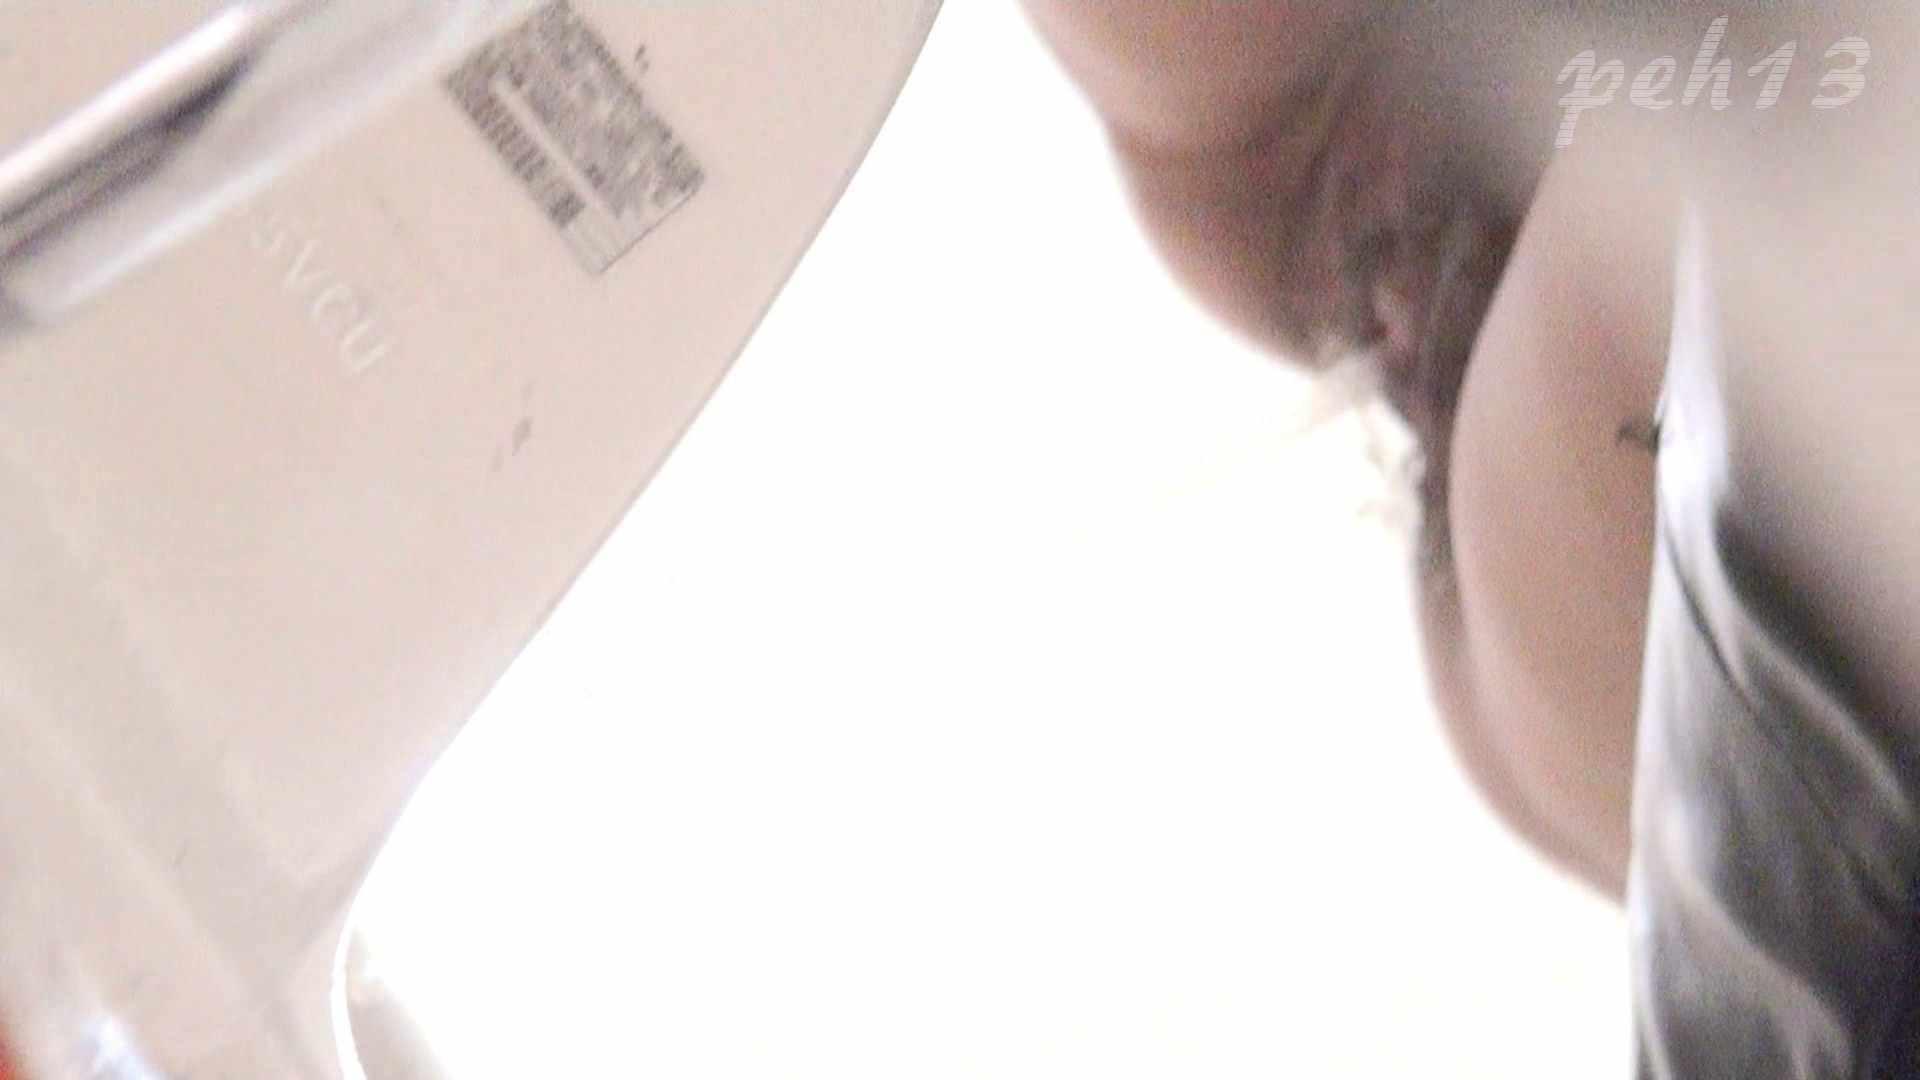 ※100個限定販売 至高下半身盗撮 プレミアム Vol.13 ハイビジョン 期間限定 盗撮われめAV動画紹介 61pic 44